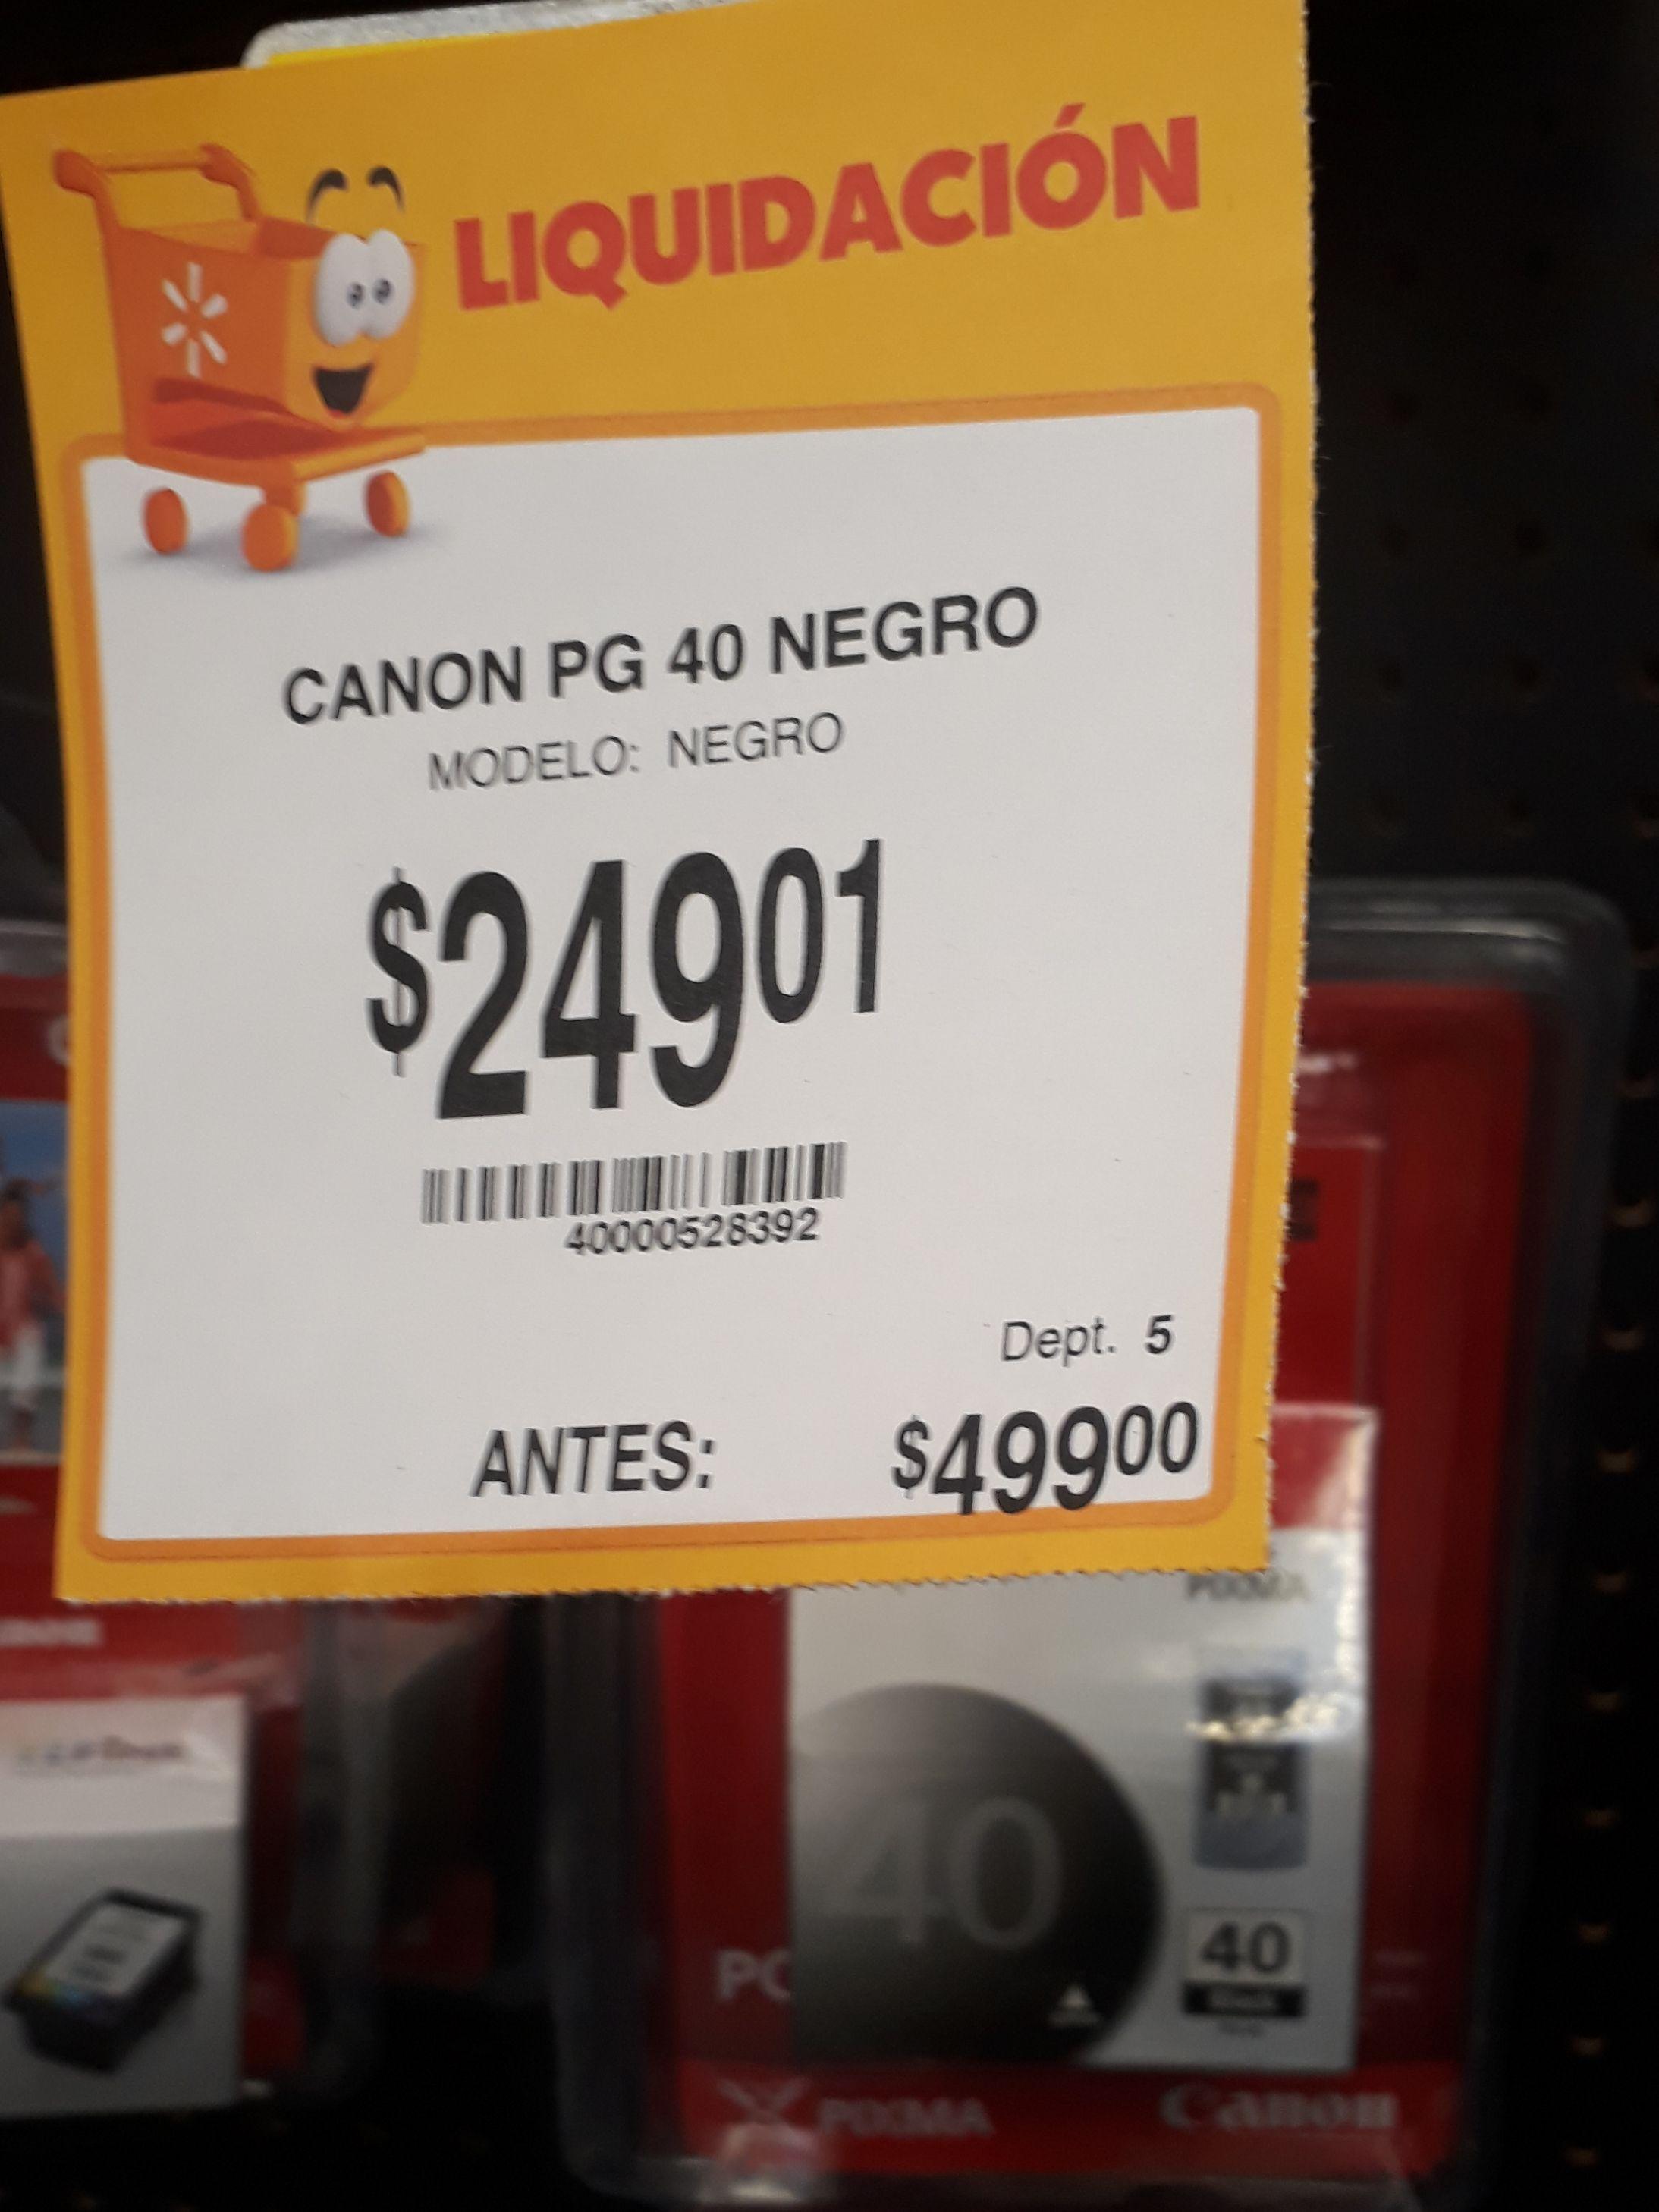 Walmart - Liquidación de tintas canon